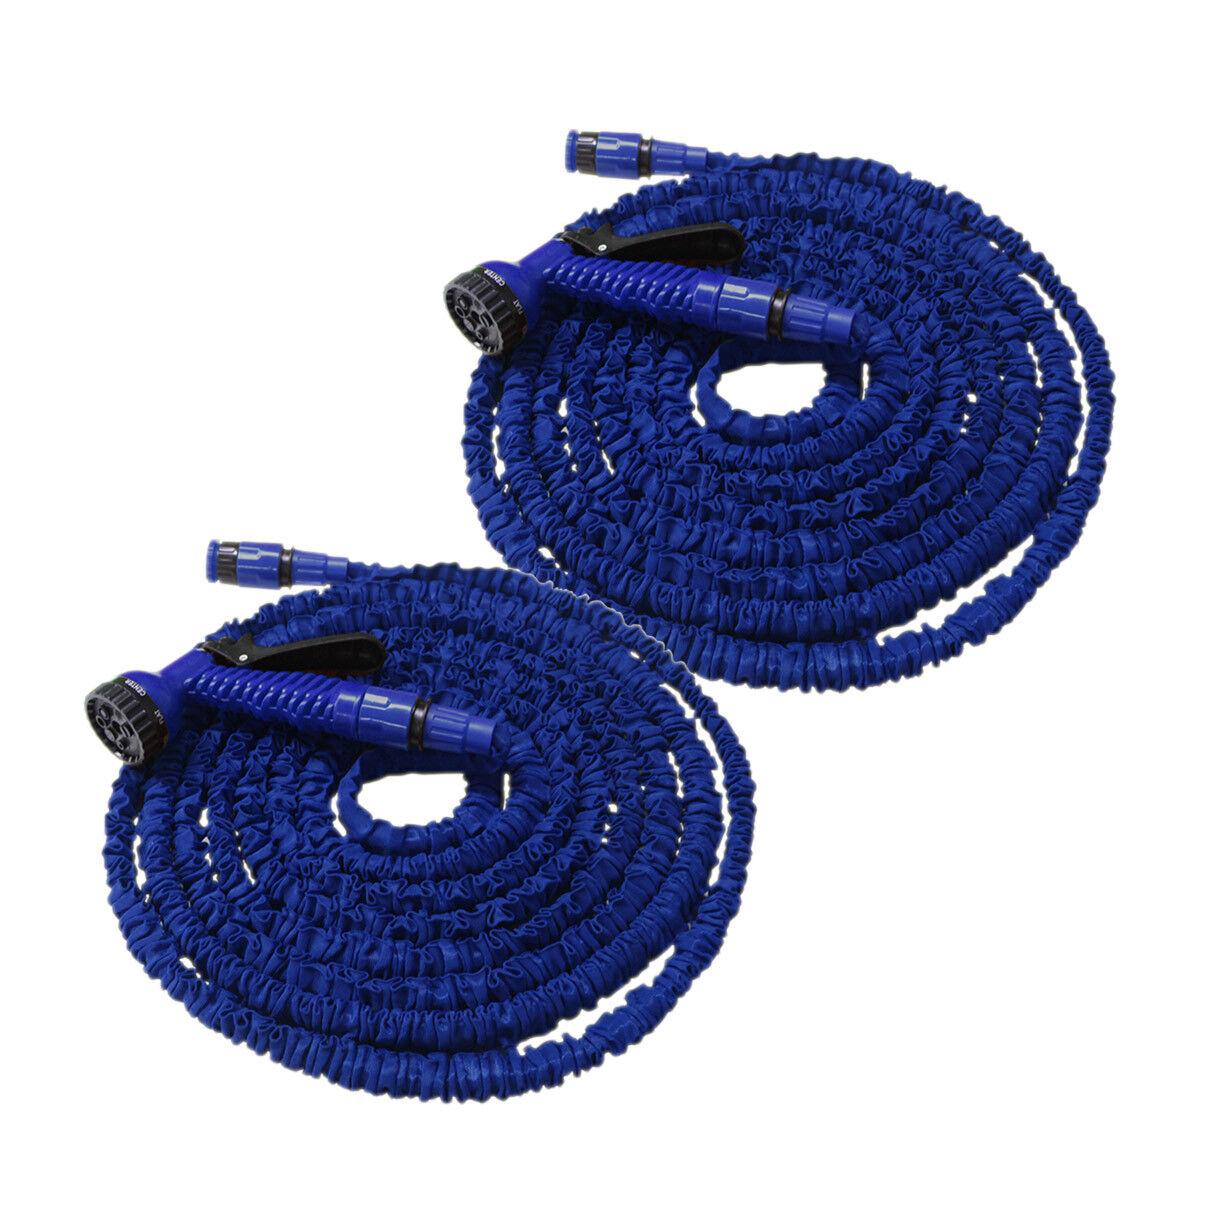 Flexibler Gartenschlauch Flexischlauch Schlauch 2 x blau 30m EUR 0,54 m   Deutschland Shop    Zuverlässige Qualität    Won hoch geschätzt und weithin vertraut im in- und Ausland vertraut